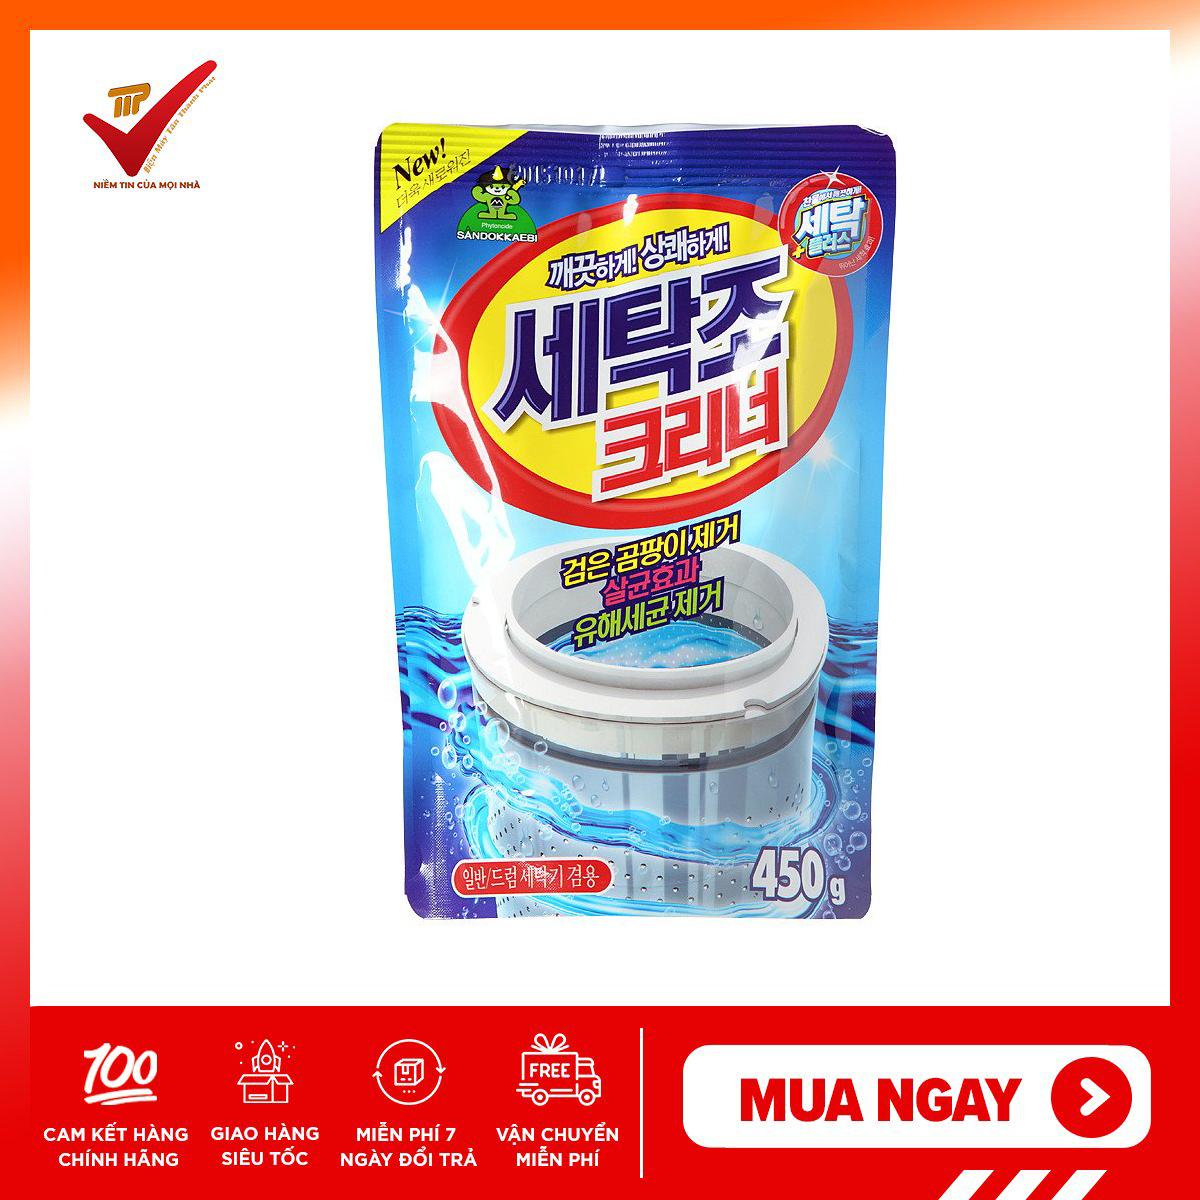 Gói bột tẩy vệ sinh lồng máy giặt 450g( hạn dùng 3 năm)